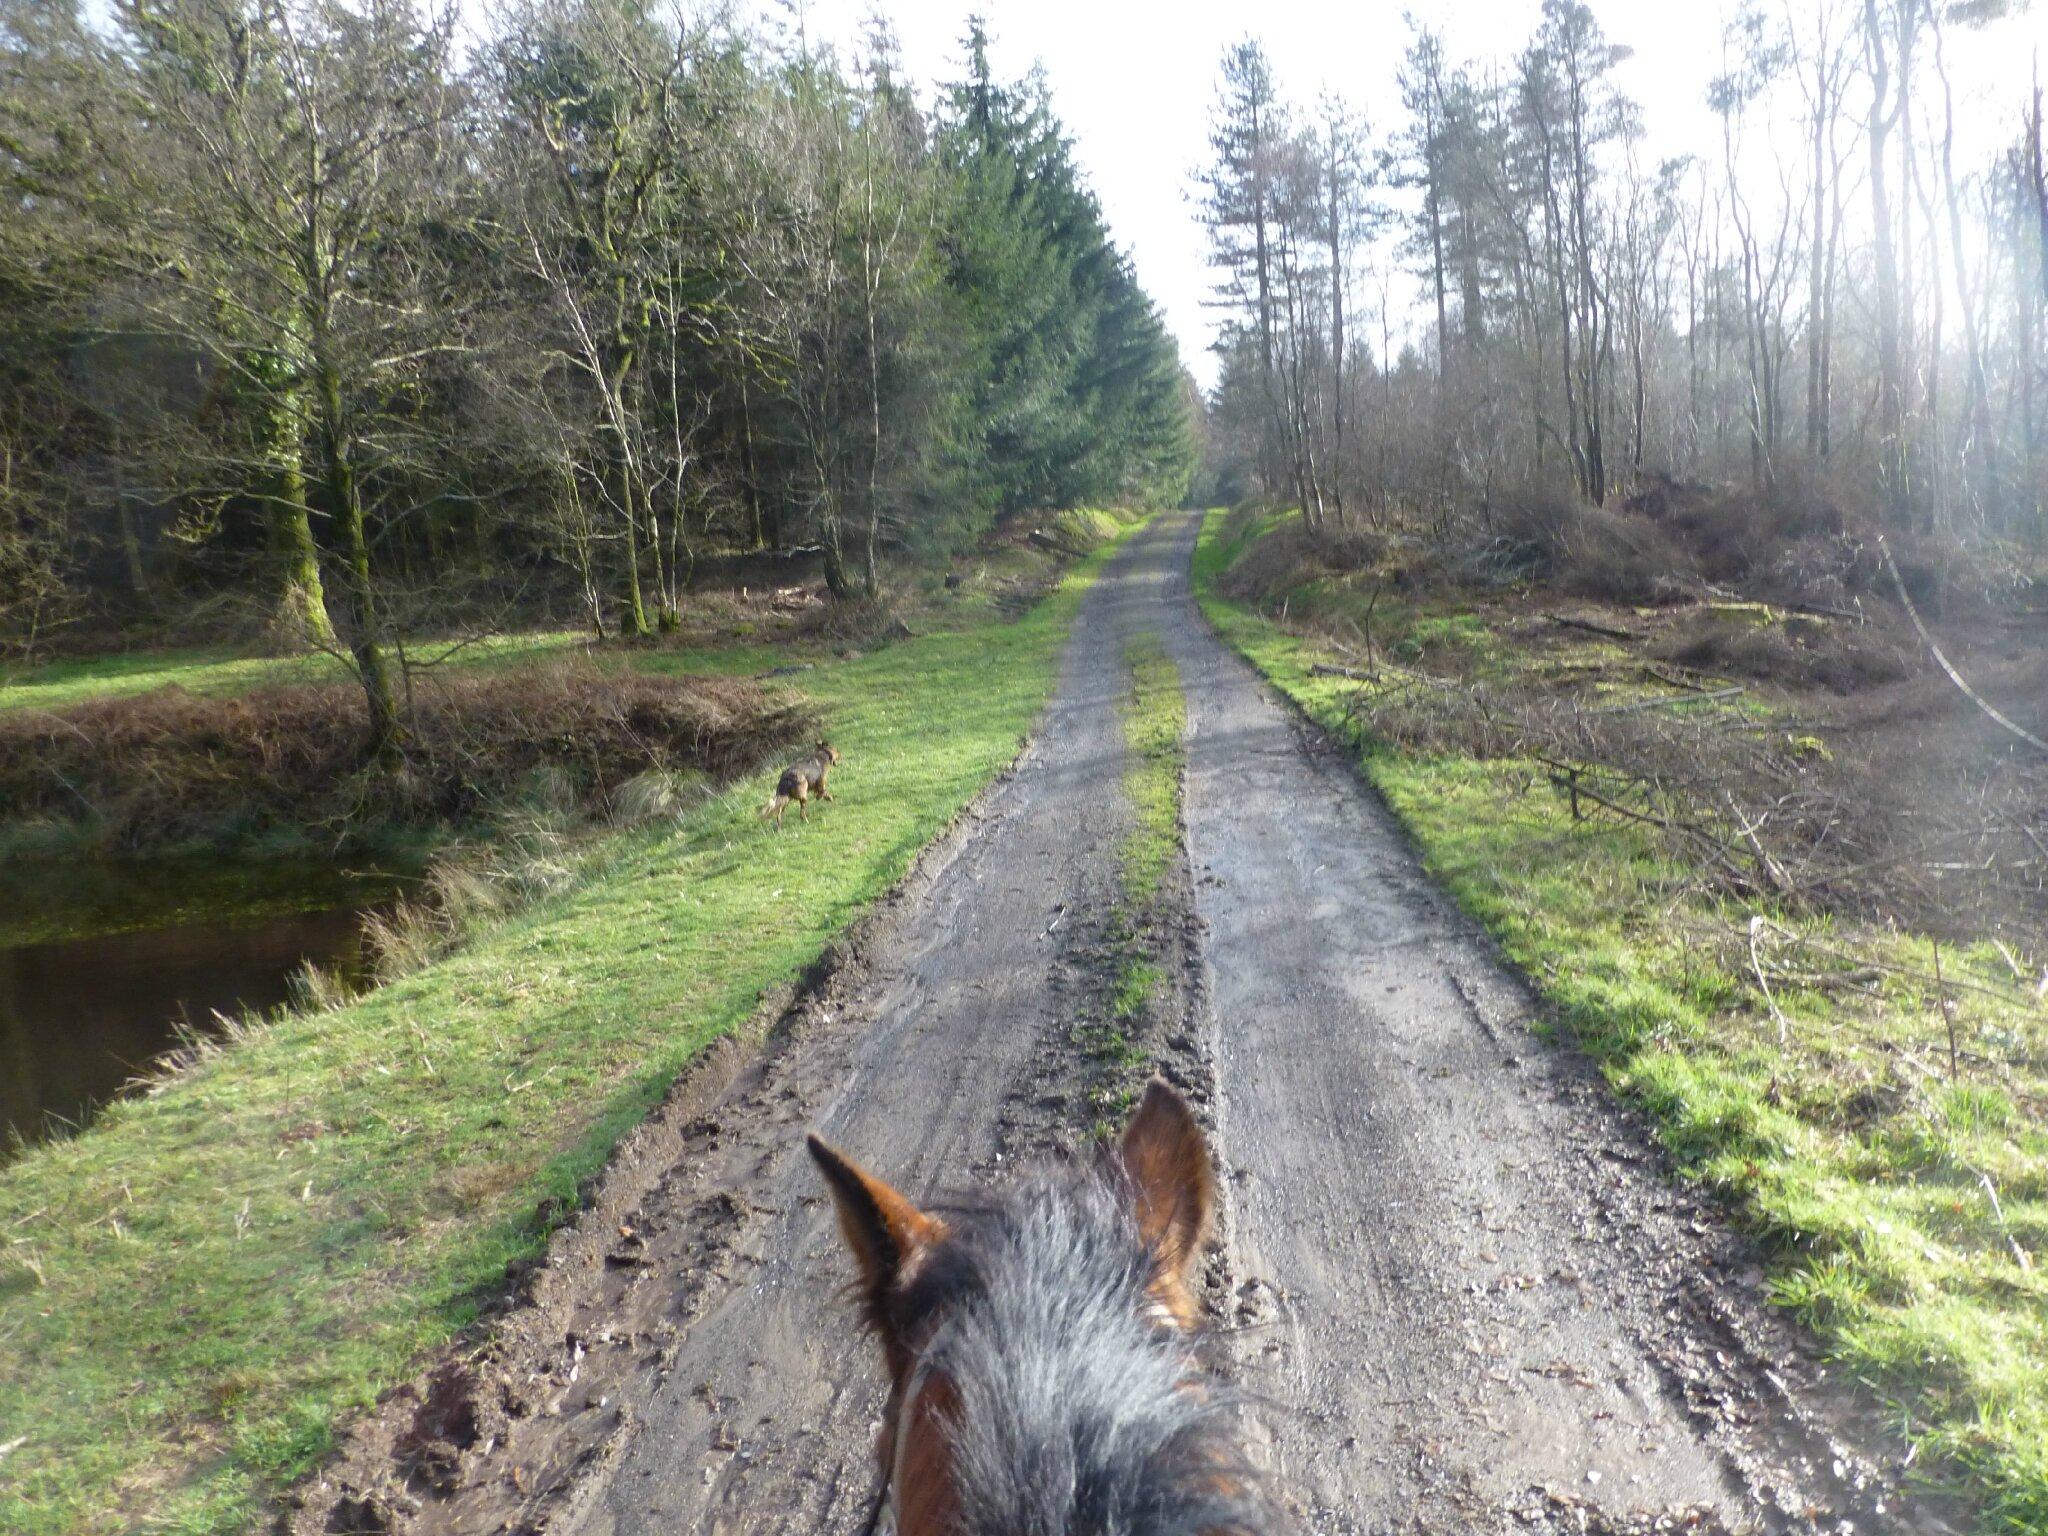 Balade à cheval dans la forêt P1080249